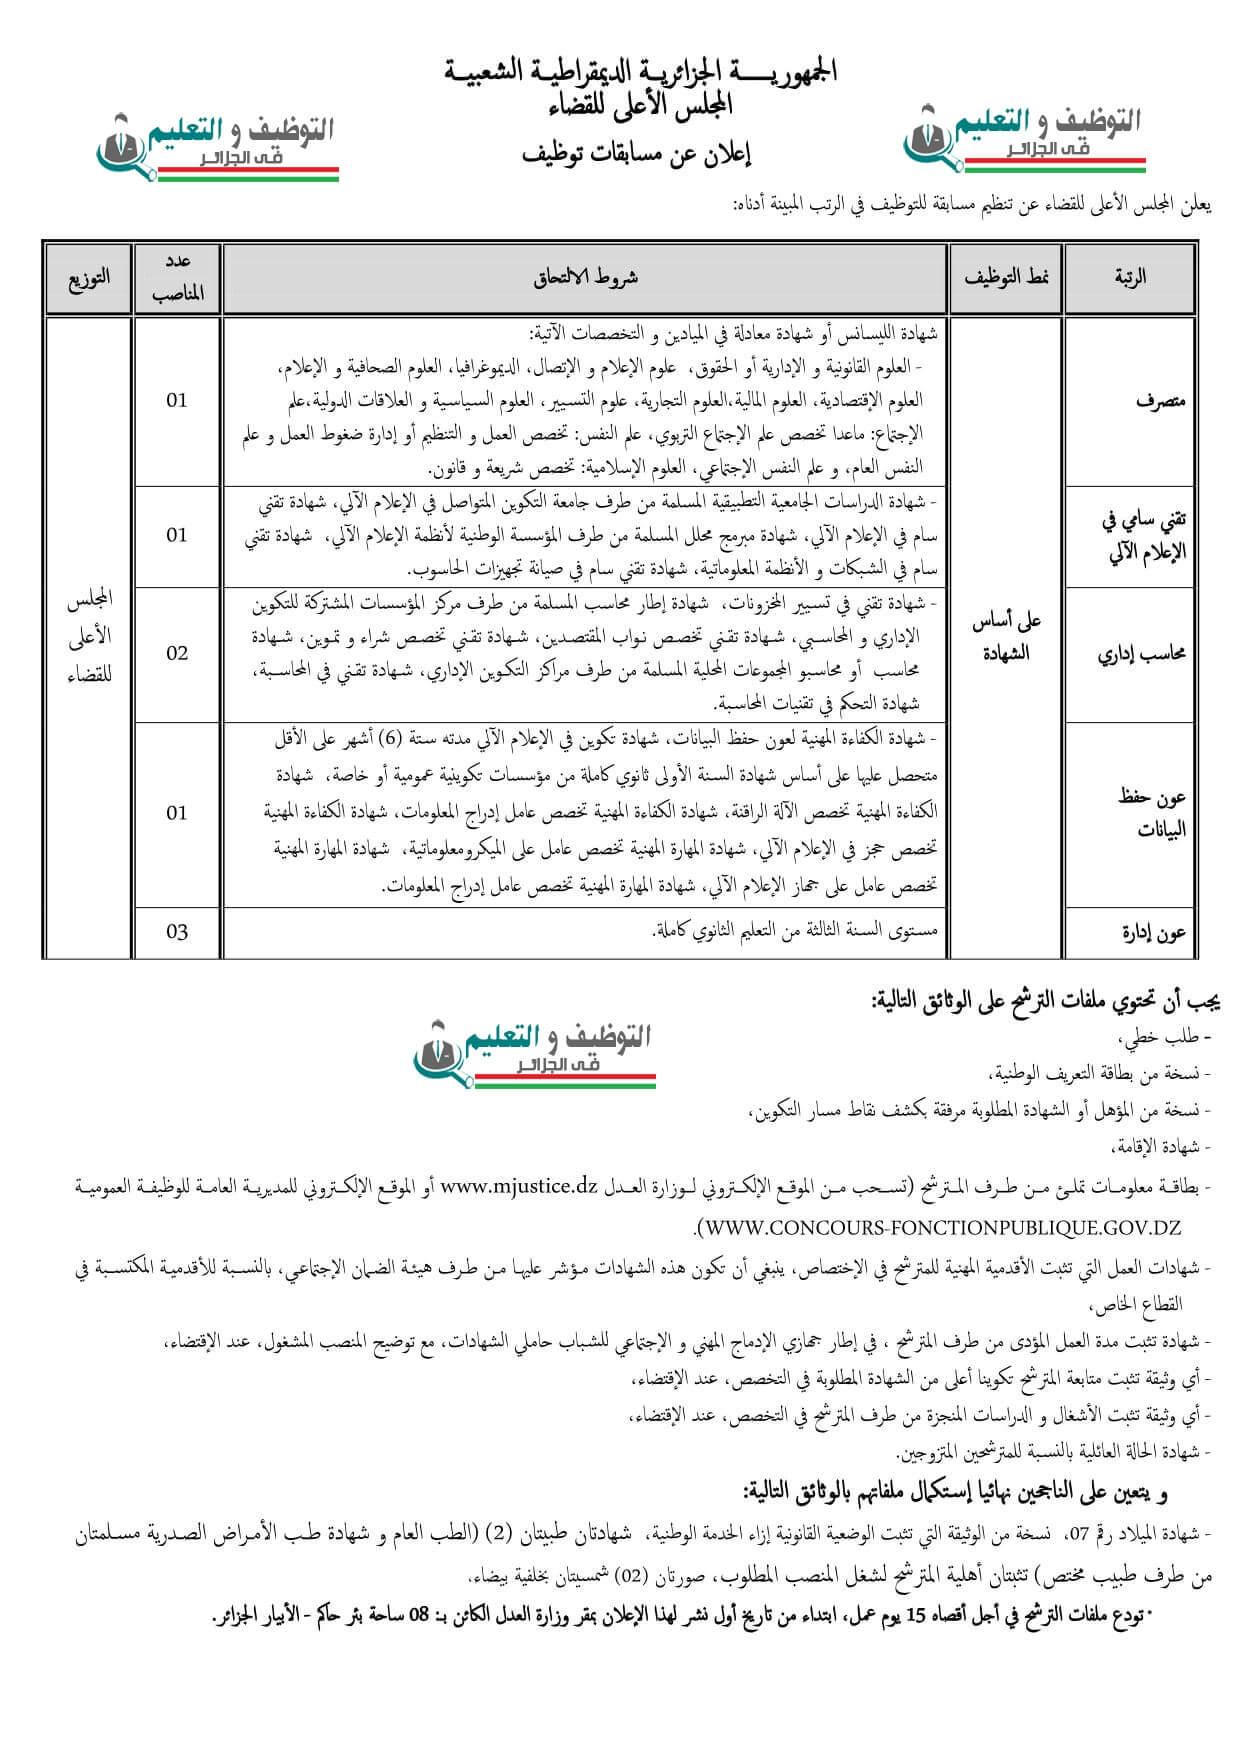 إعلان توظيف بالمجلس الأعلى للقضاء بمقر وزارة العدل بالأبيار بالجزائر العاصمة 02 فيفري 2021